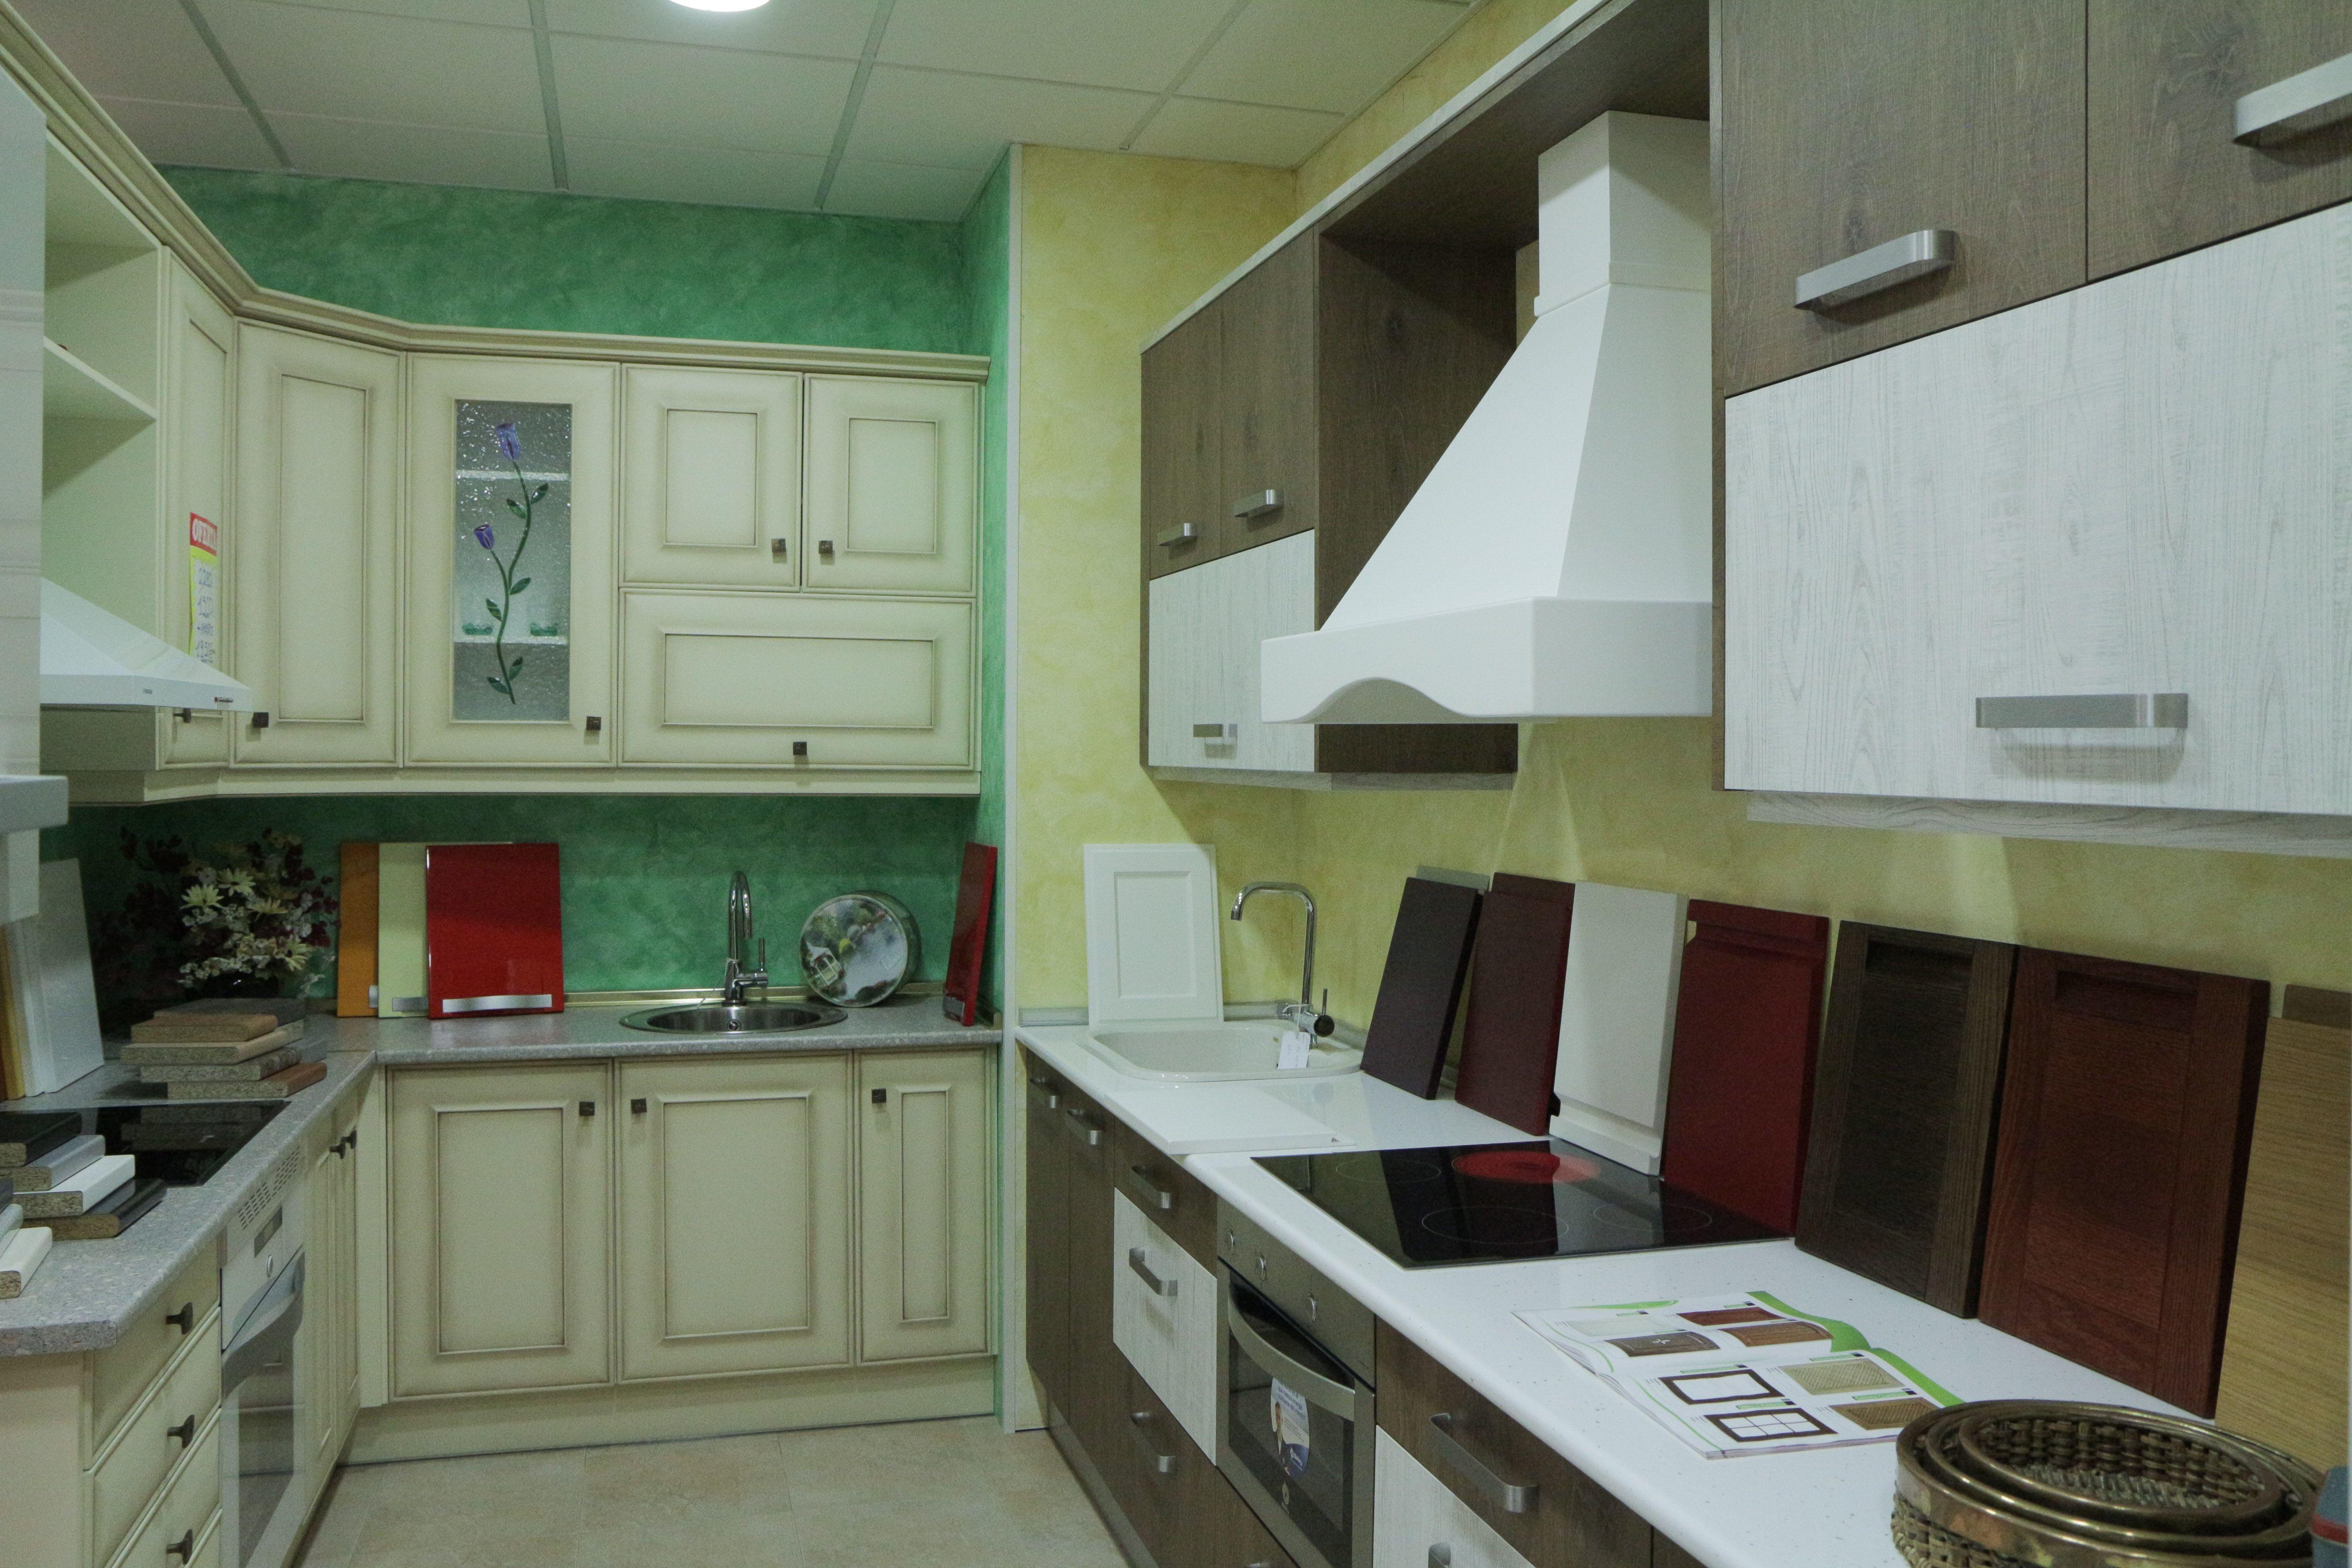 Foto 9 de Fabricante de cocinas en Añover de Tajo   Muebles Sijosa